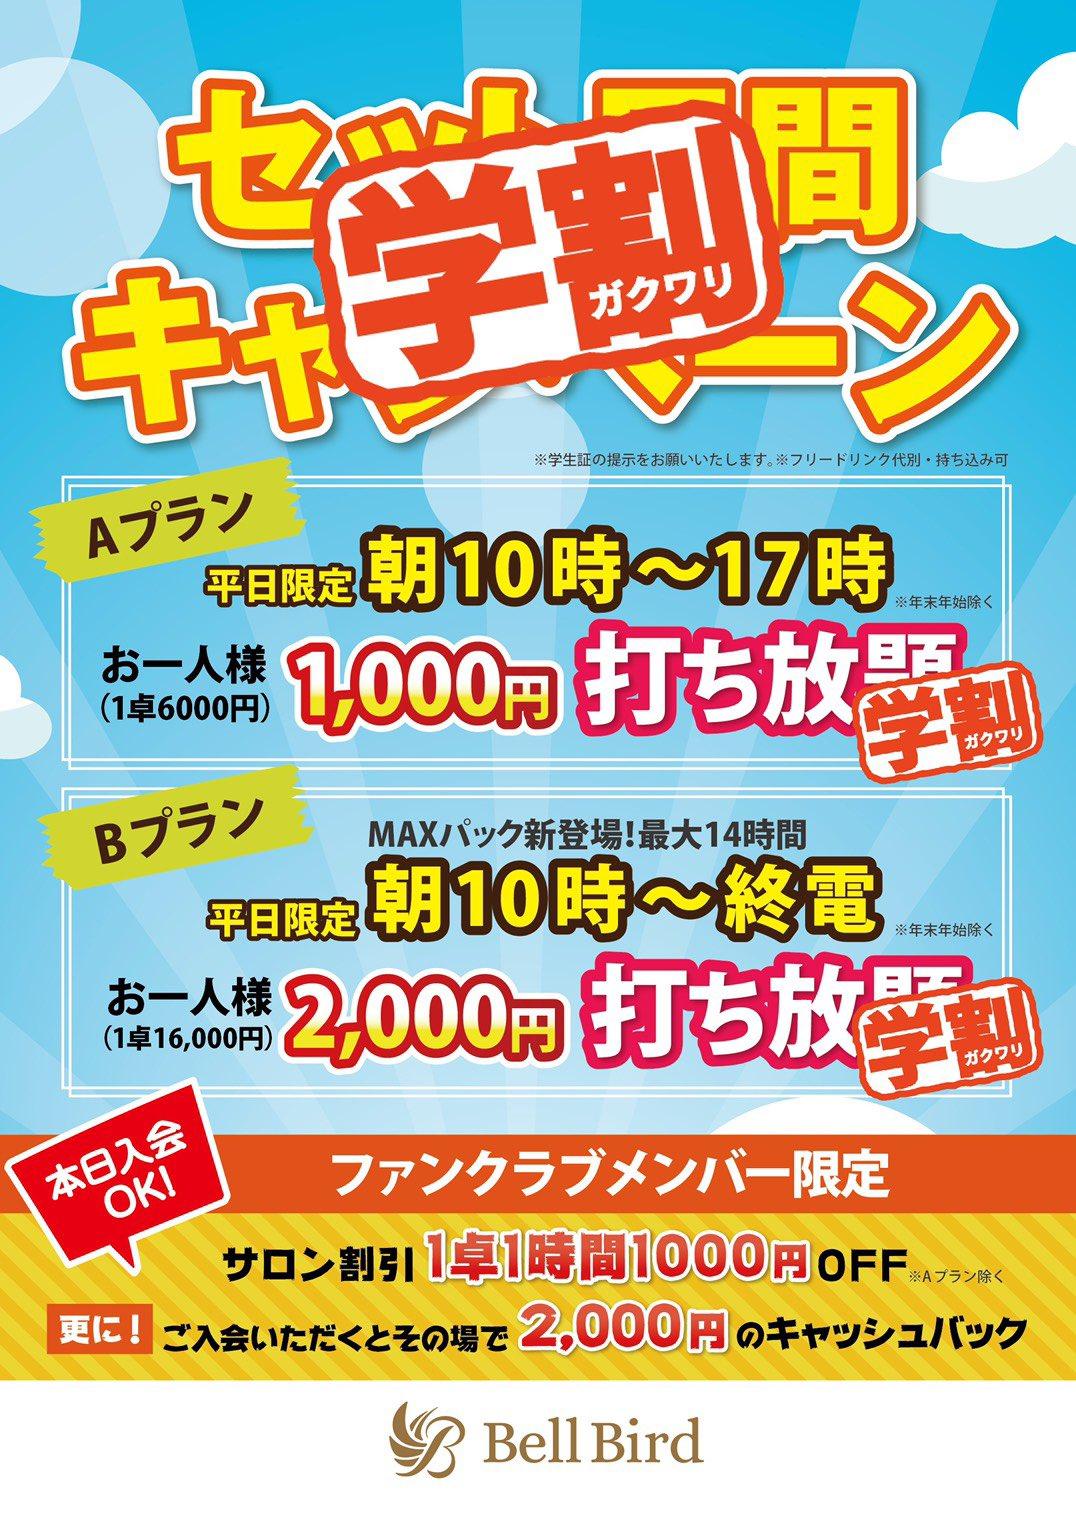 セット学割キャンペーン!!